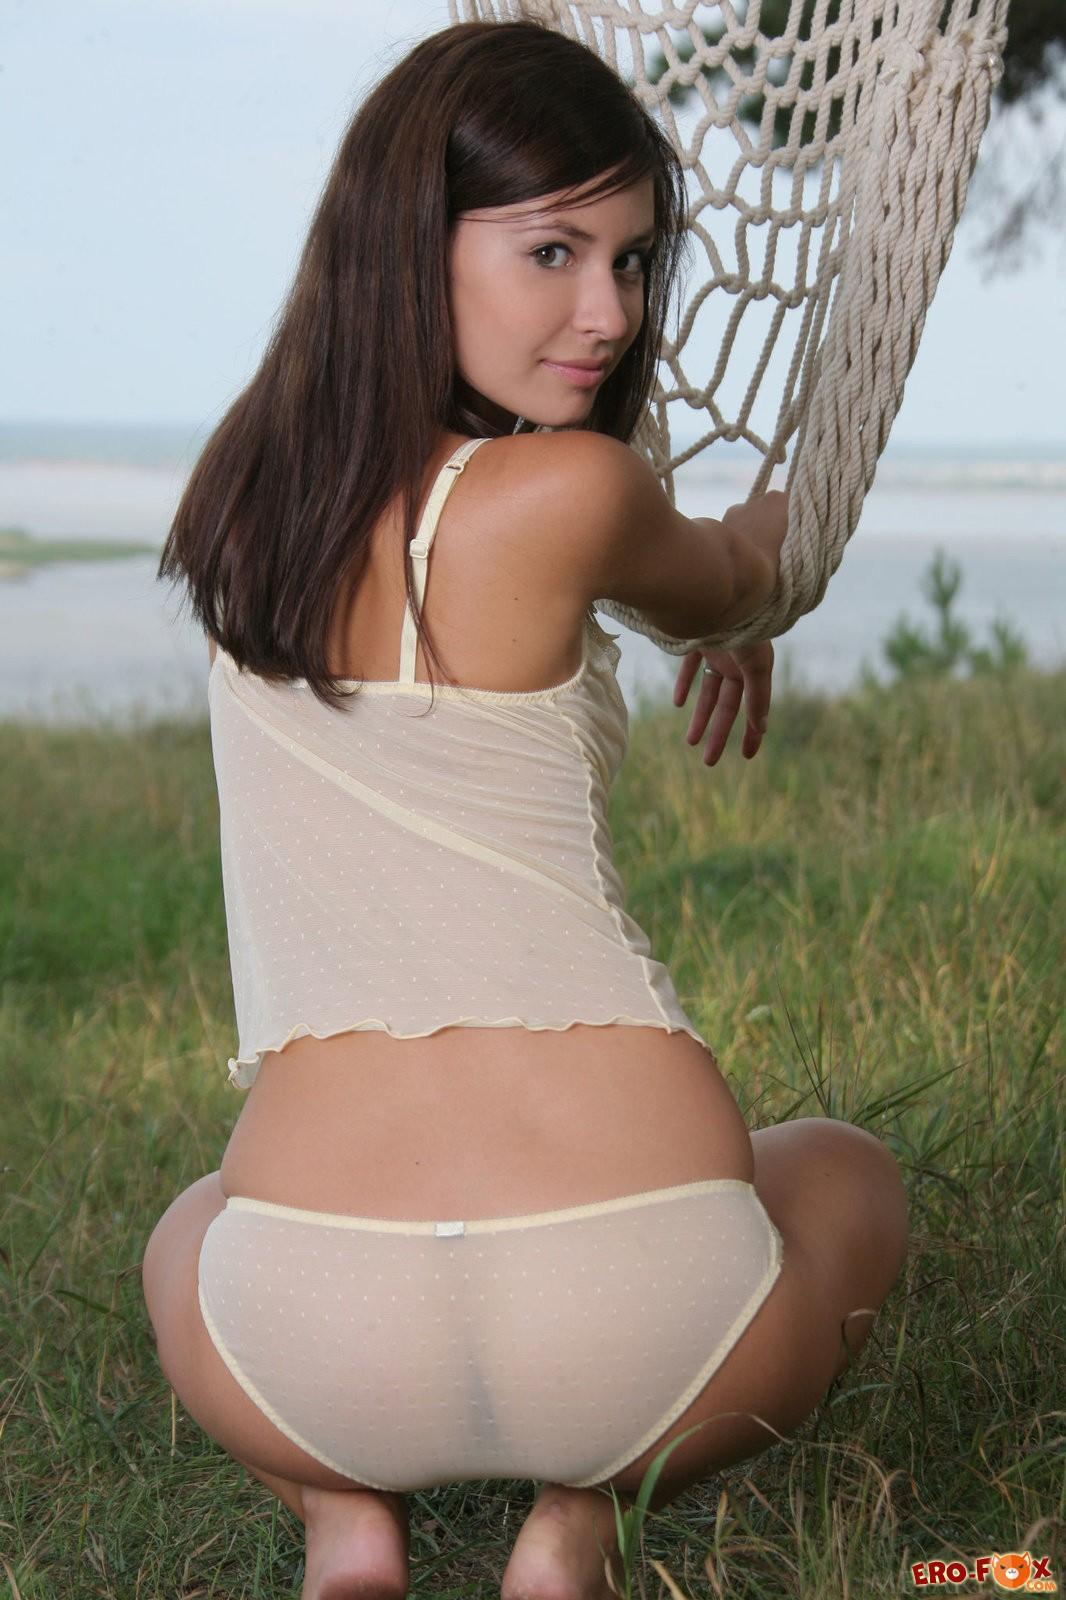 Красивая голая стройняшка на природе .